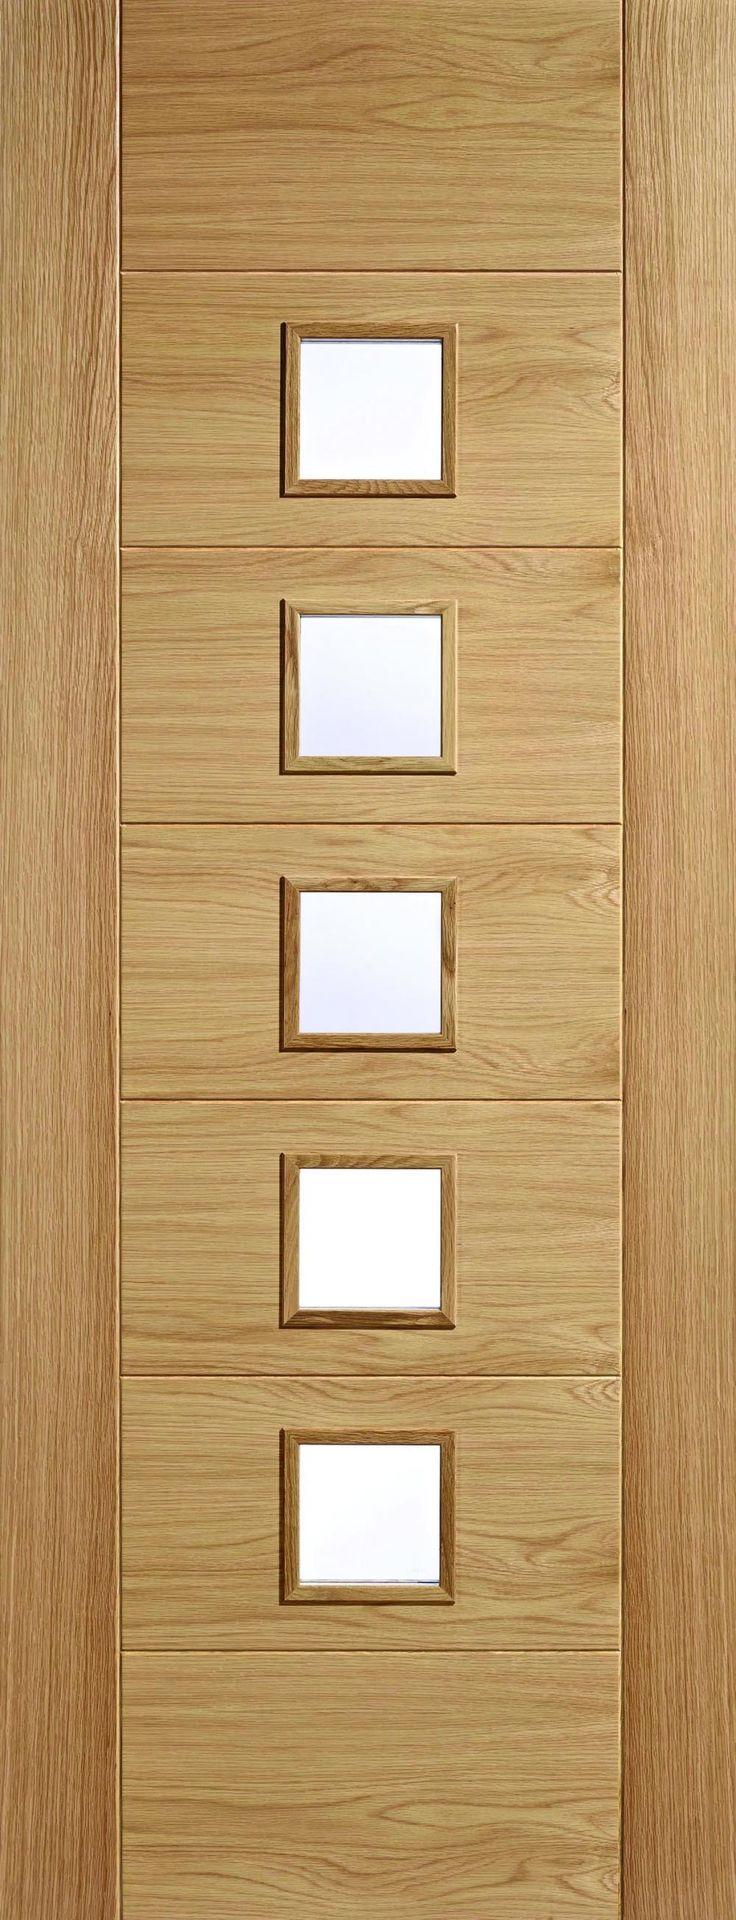 Carini 5L | LPD Doors